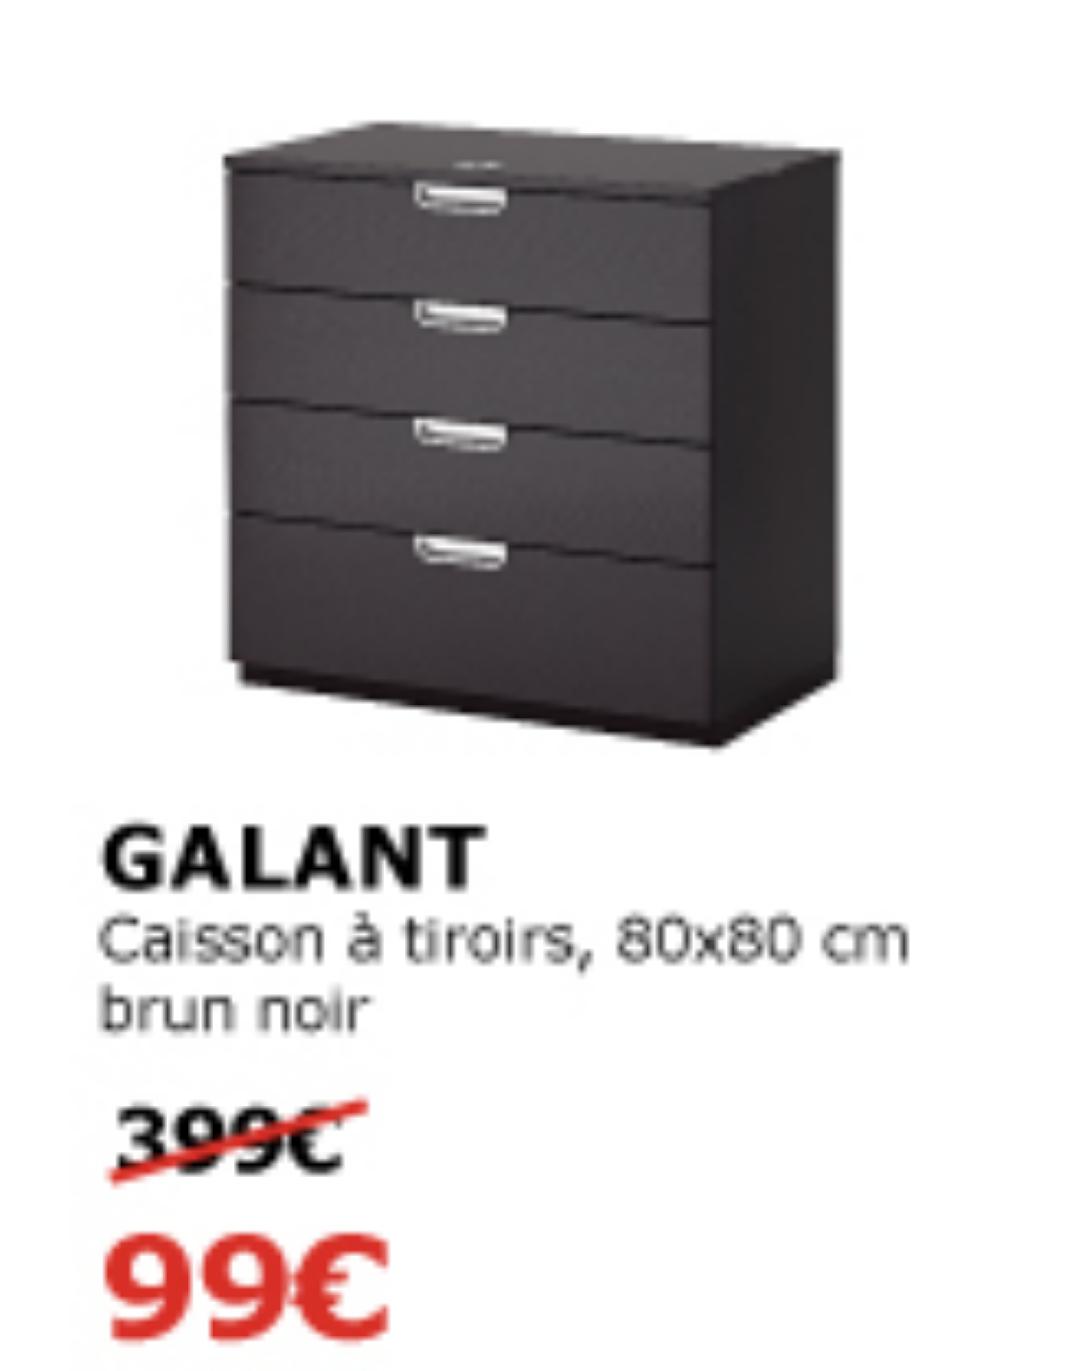 Caisson à tiroirs Galant - 80x80 cm - Vitrolles (13)